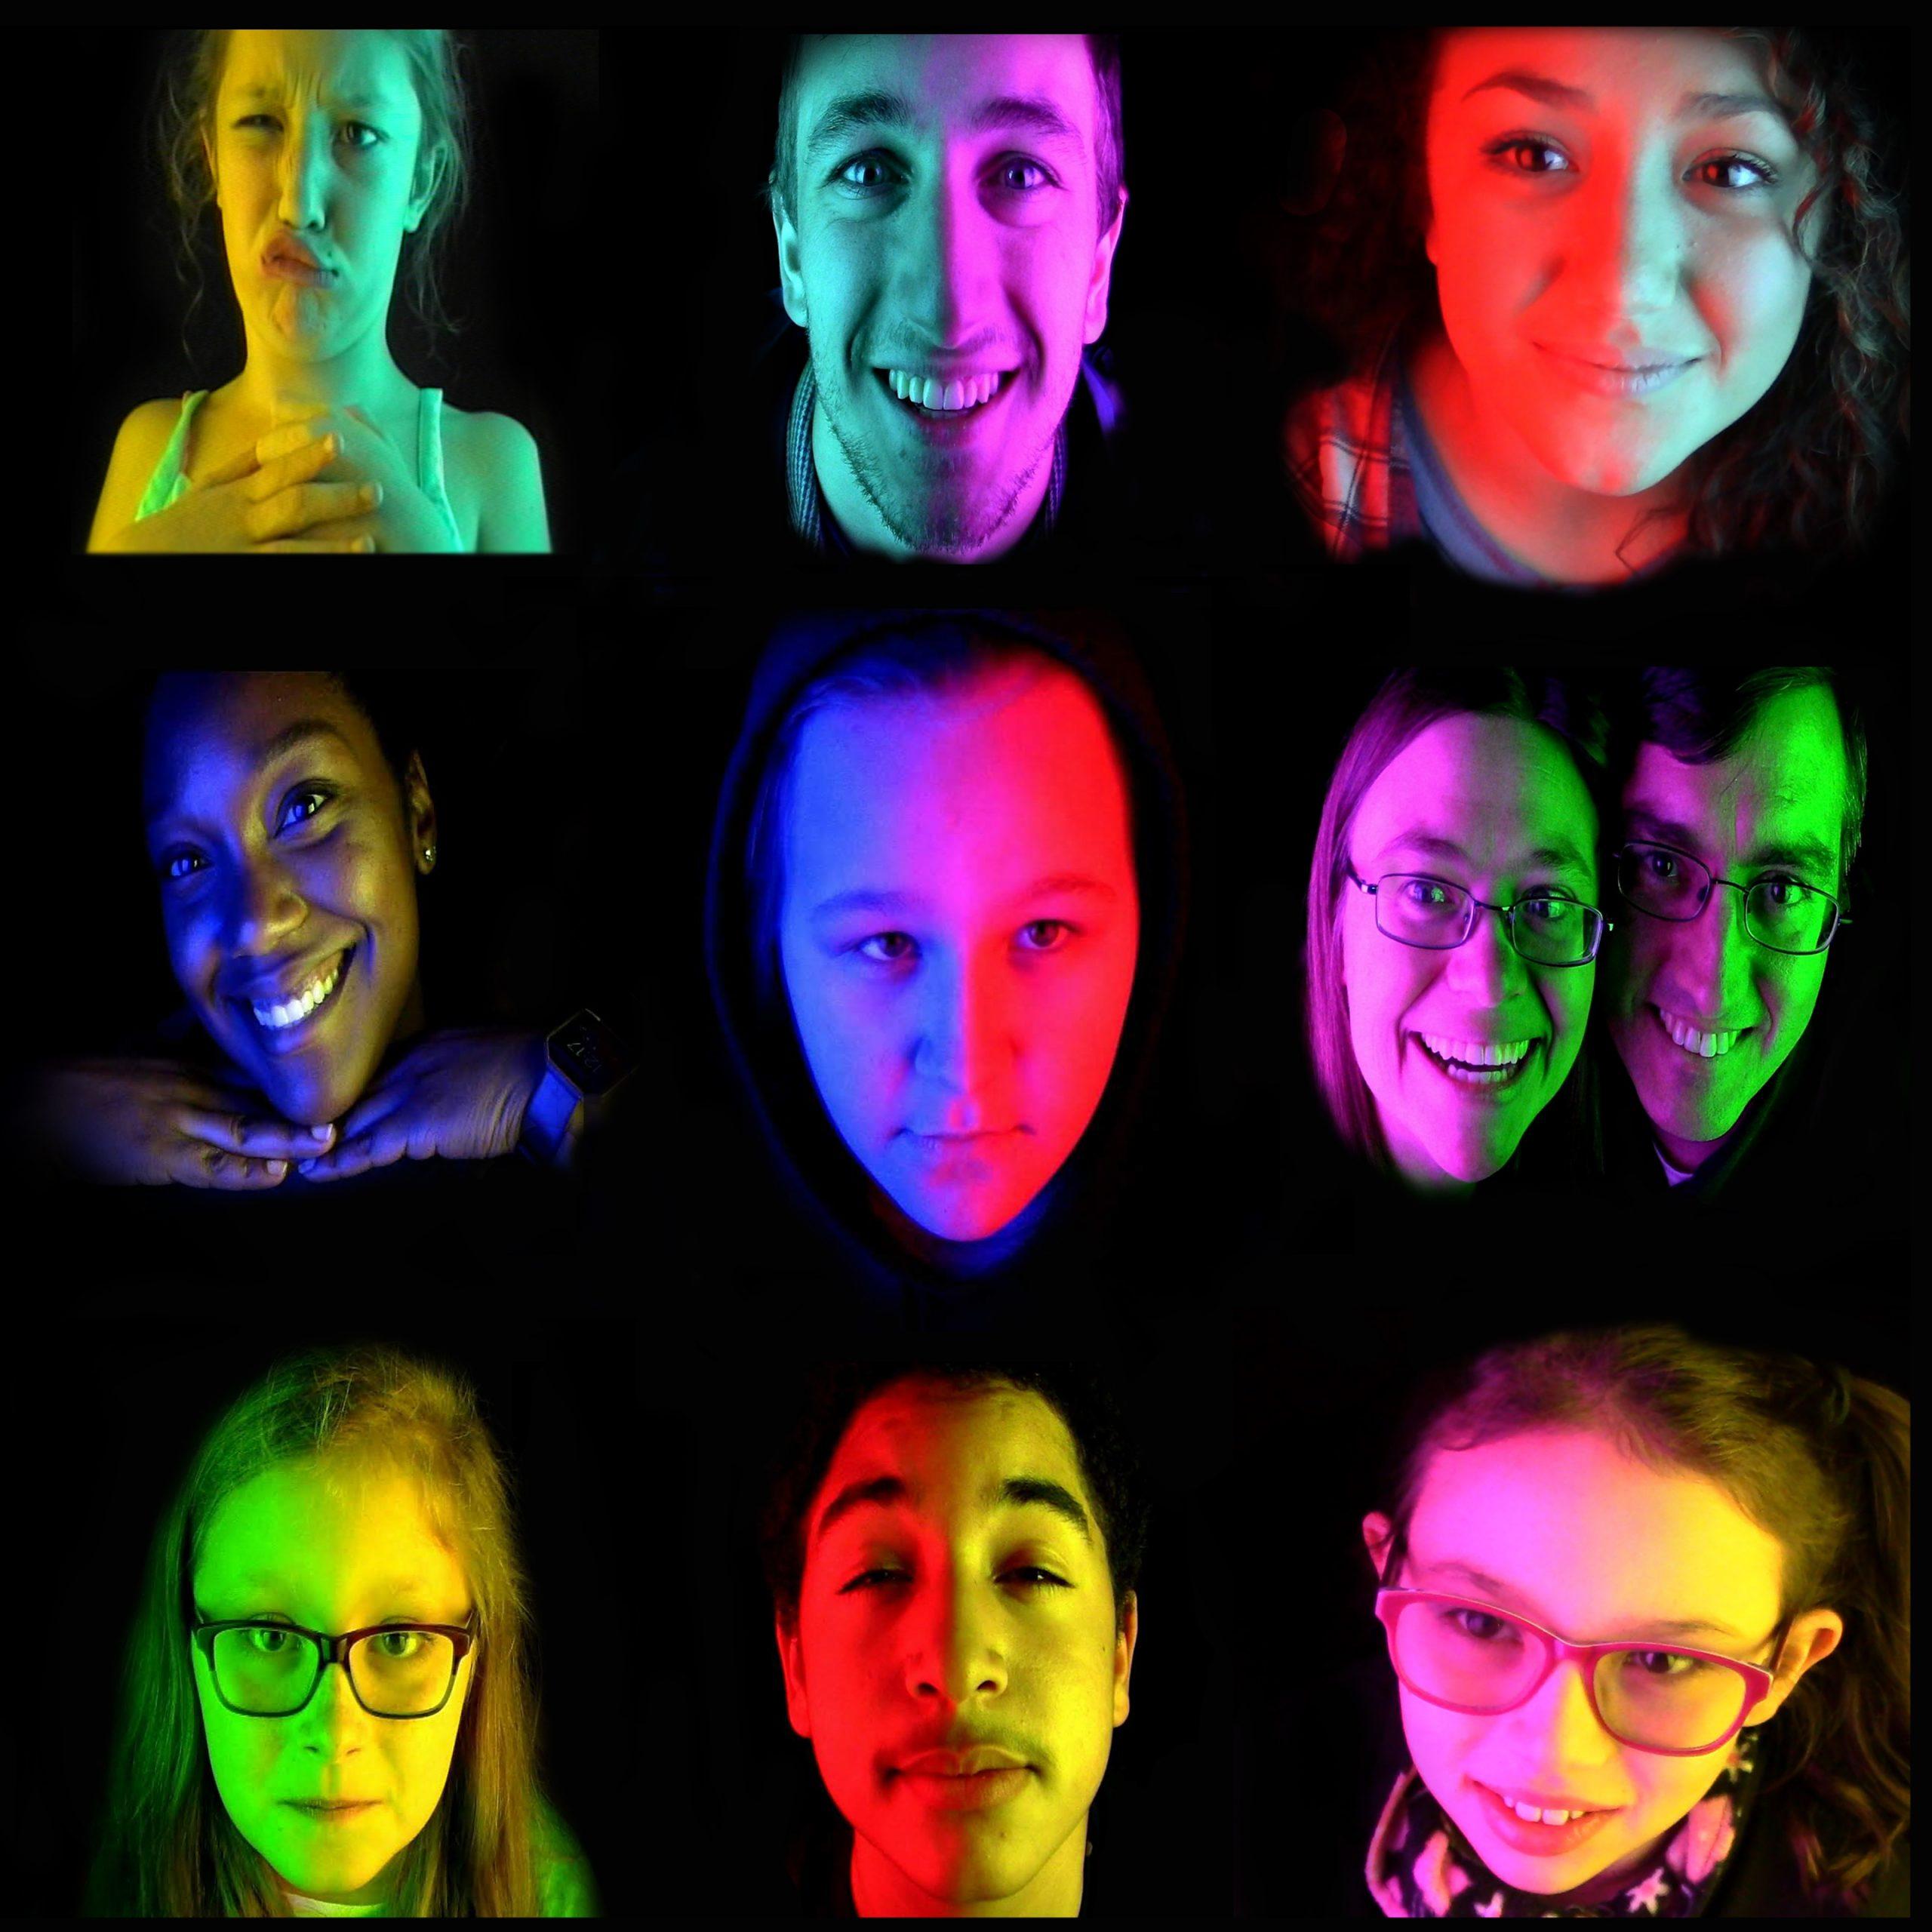 FACES inside The Chromilluminator photobooth